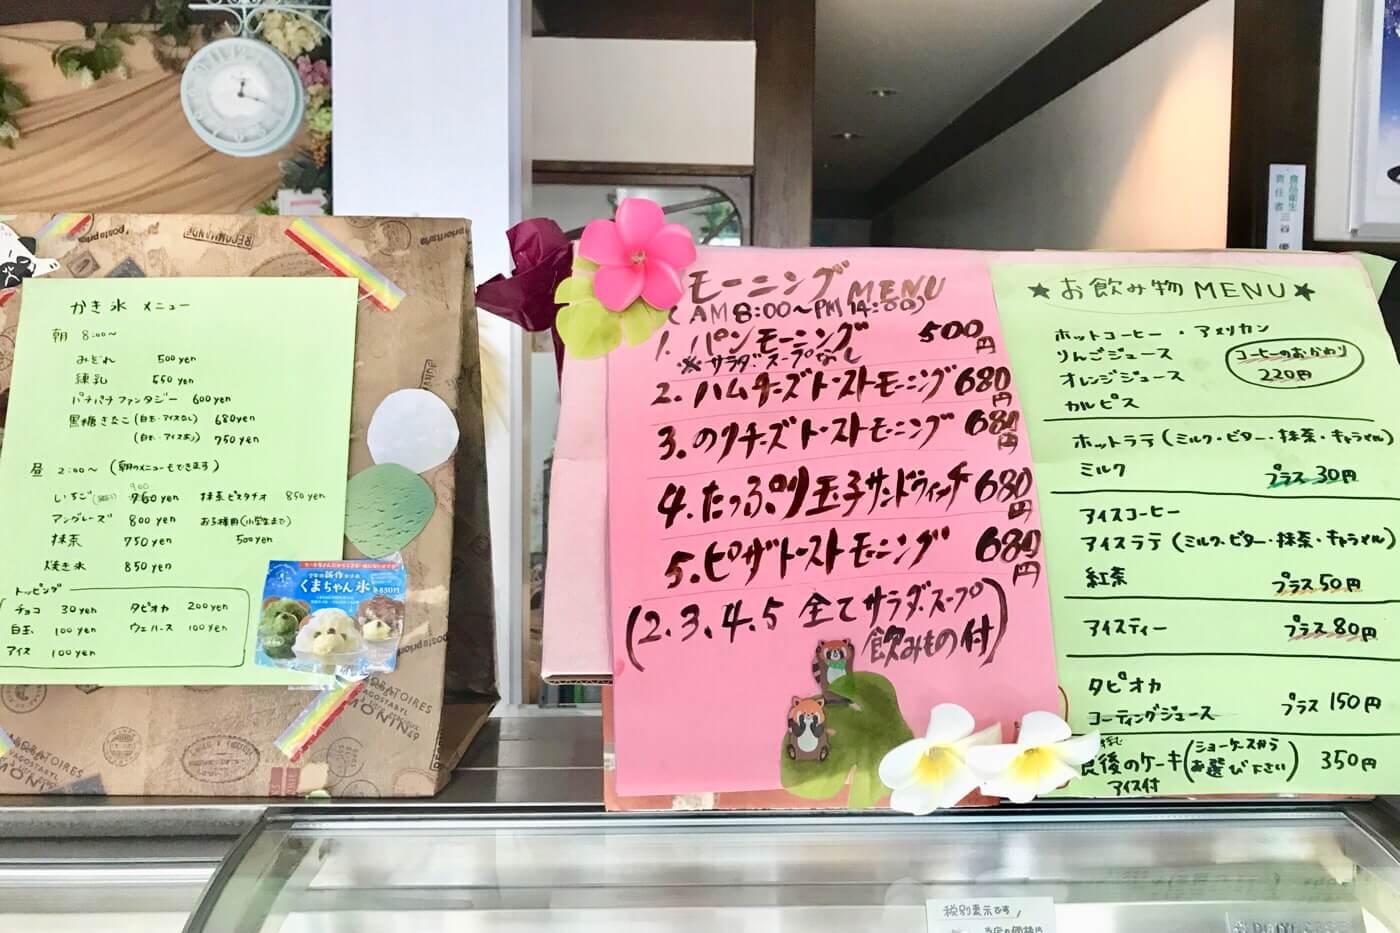 香美市土佐山田町 プルメリアラクーンのモーニングメニュー